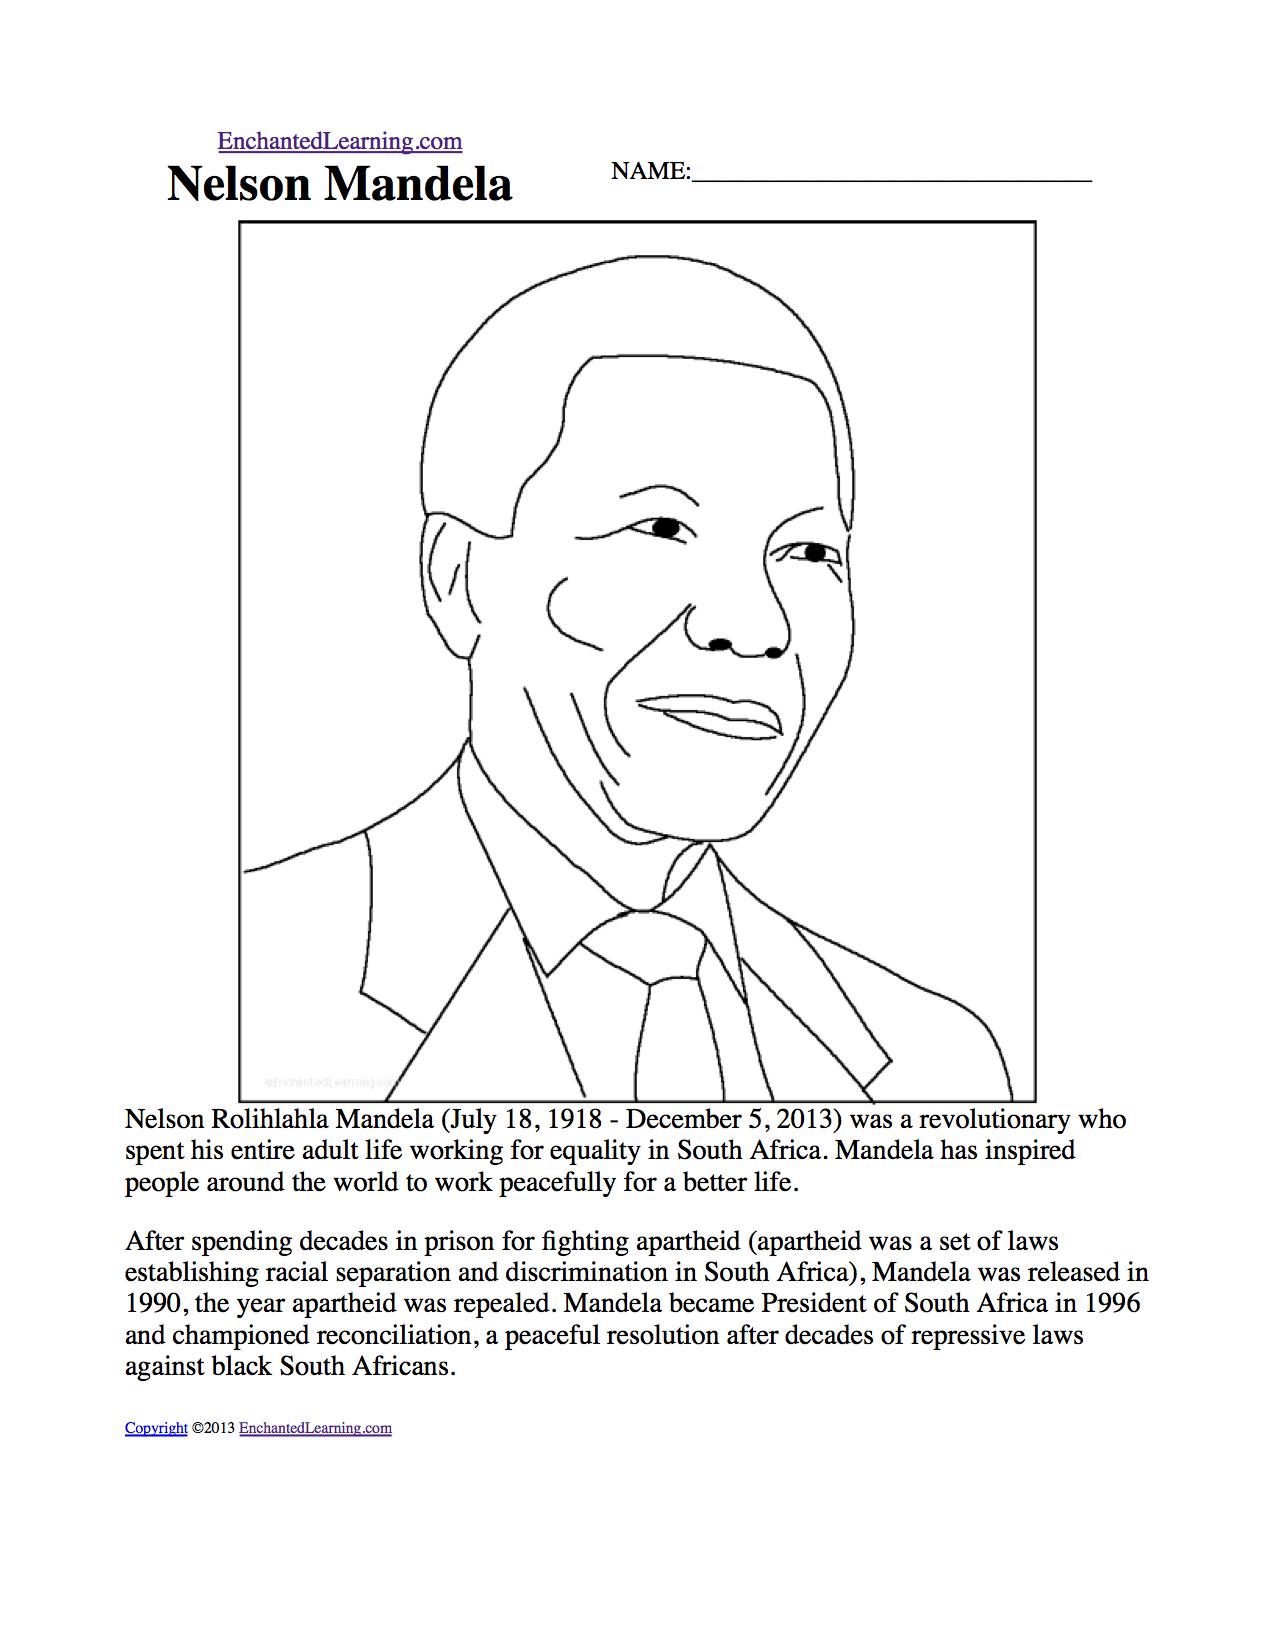 Nelson Mandela - EnchantedLearning com